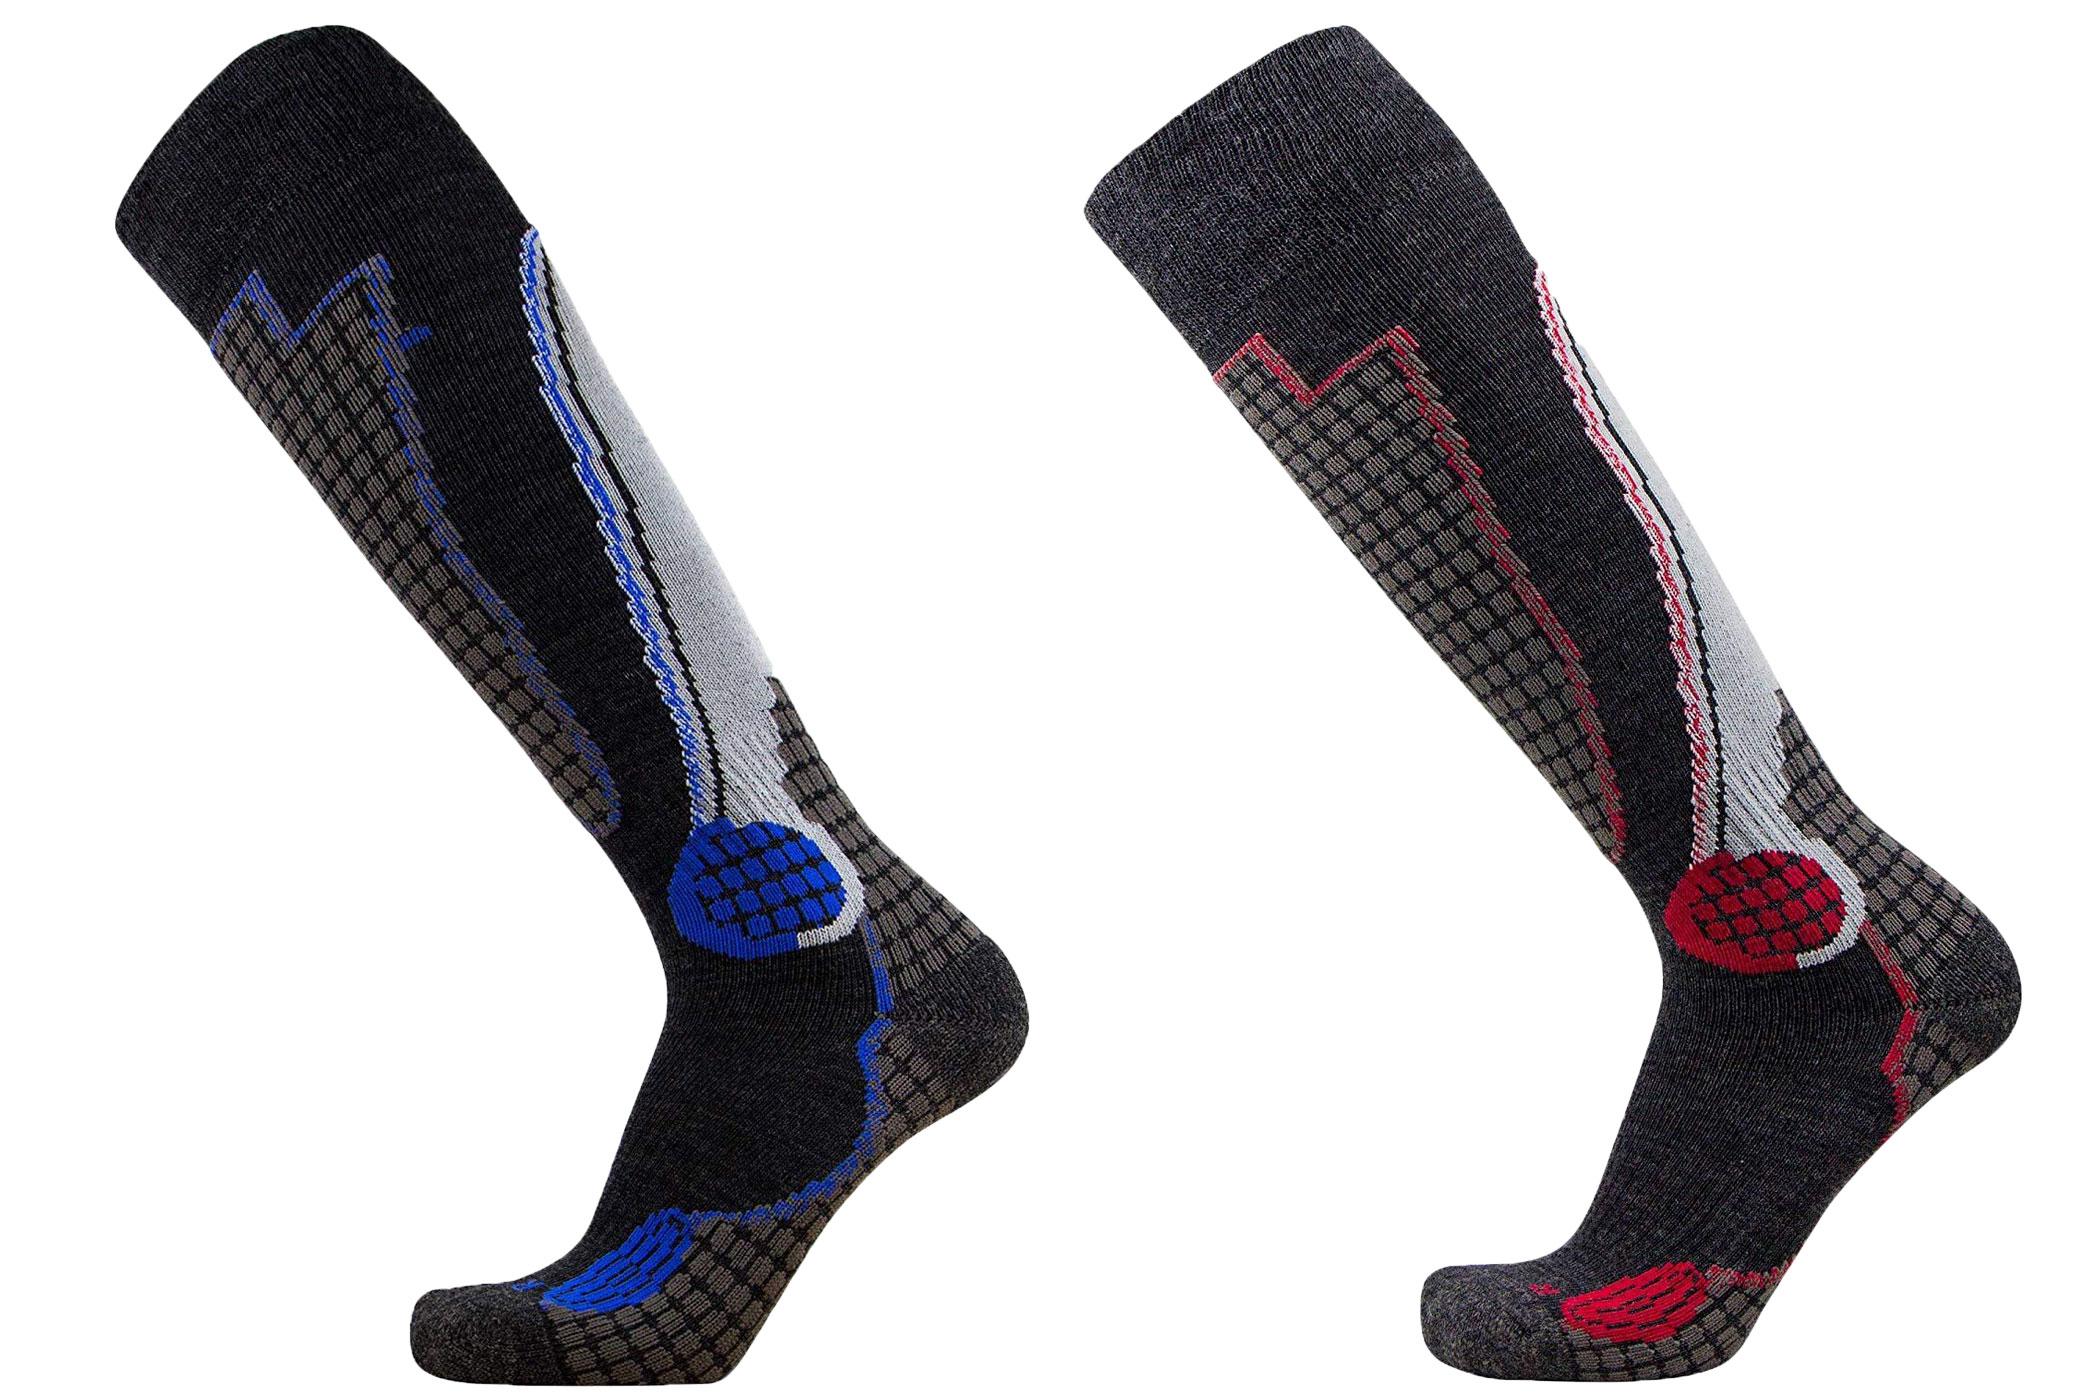 PureAthlete High Performance Wool Ski Sock